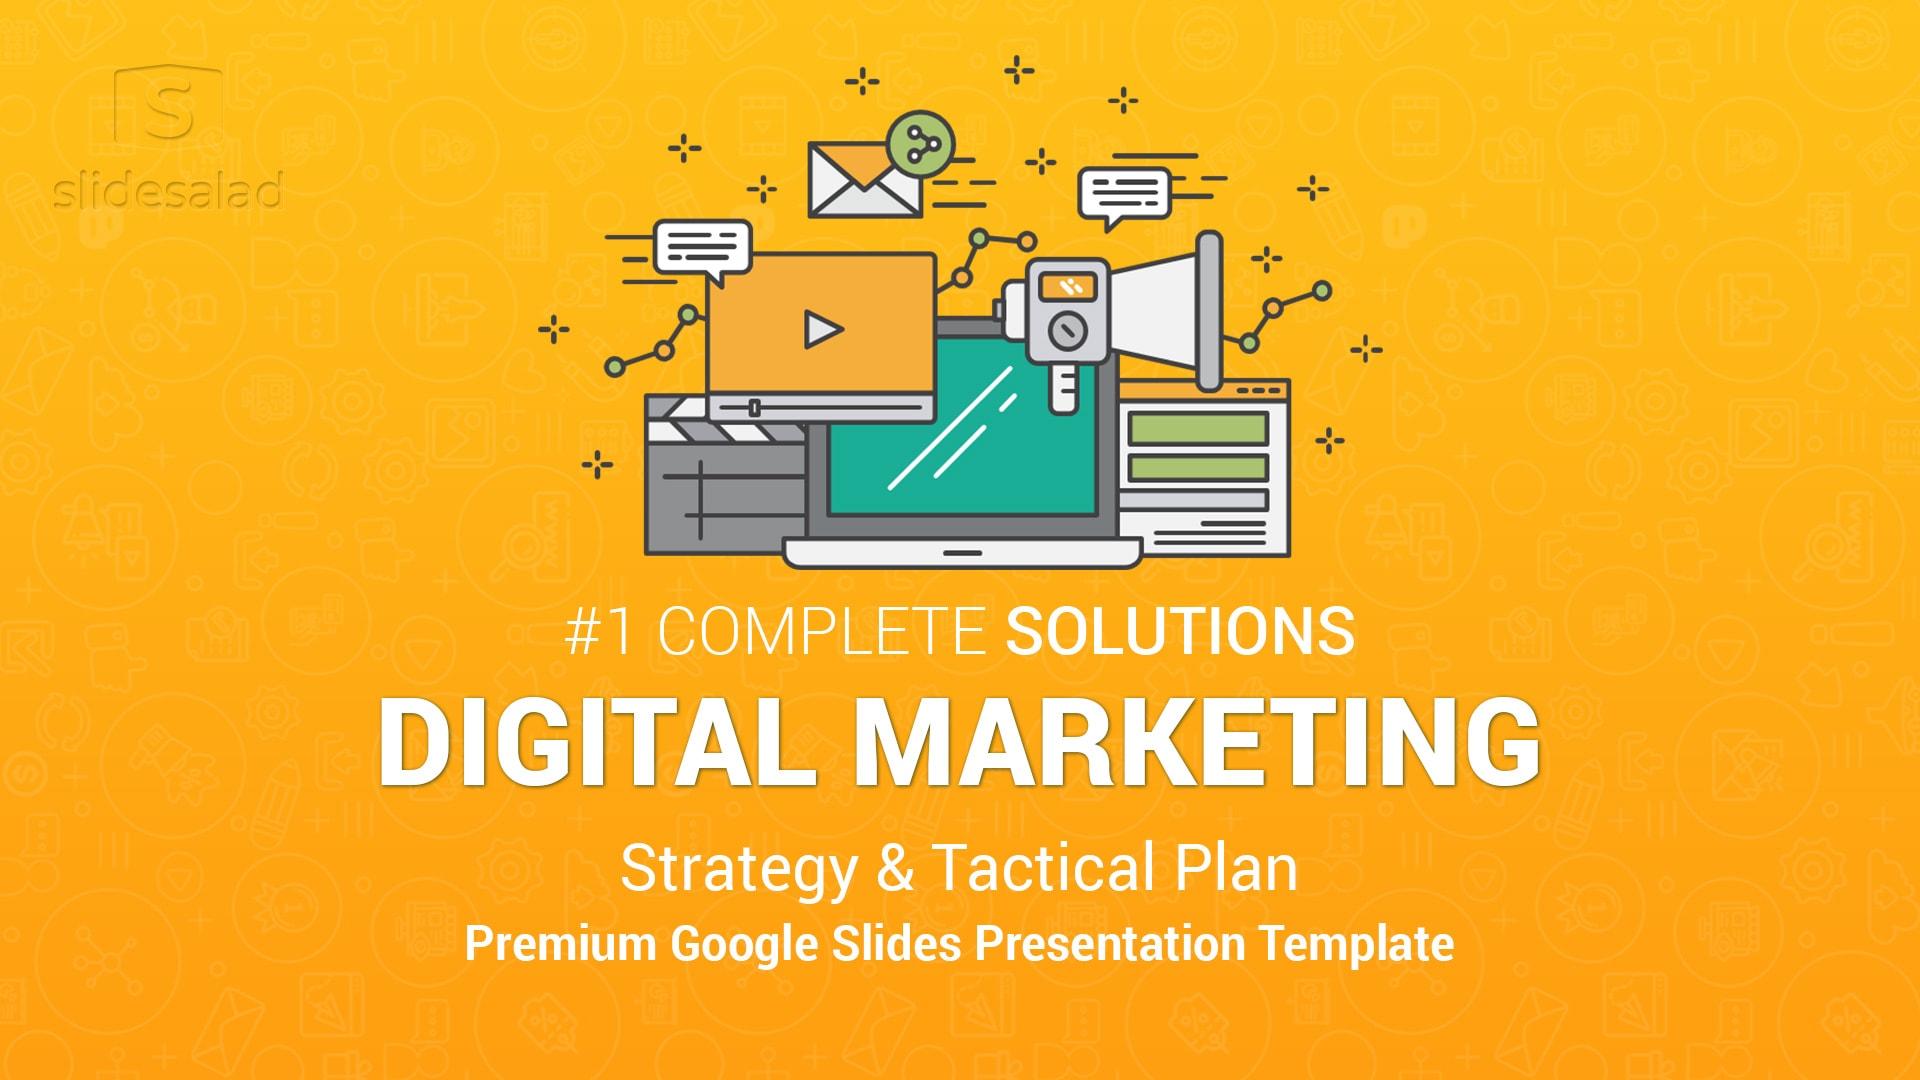 Best Digital Marketing Google Slides Template – Top Selling Comprehensive Online Marketing Template for Google Slides